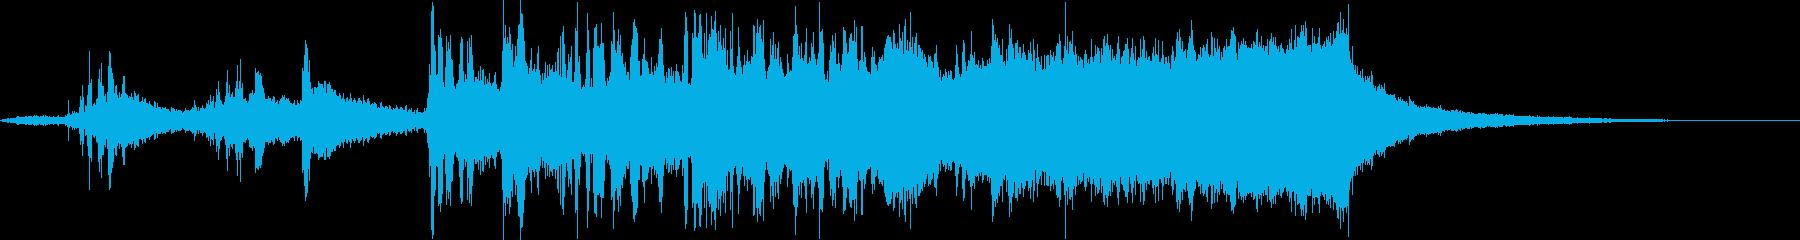 迫る圧迫感_CINEMATIC_02の再生済みの波形